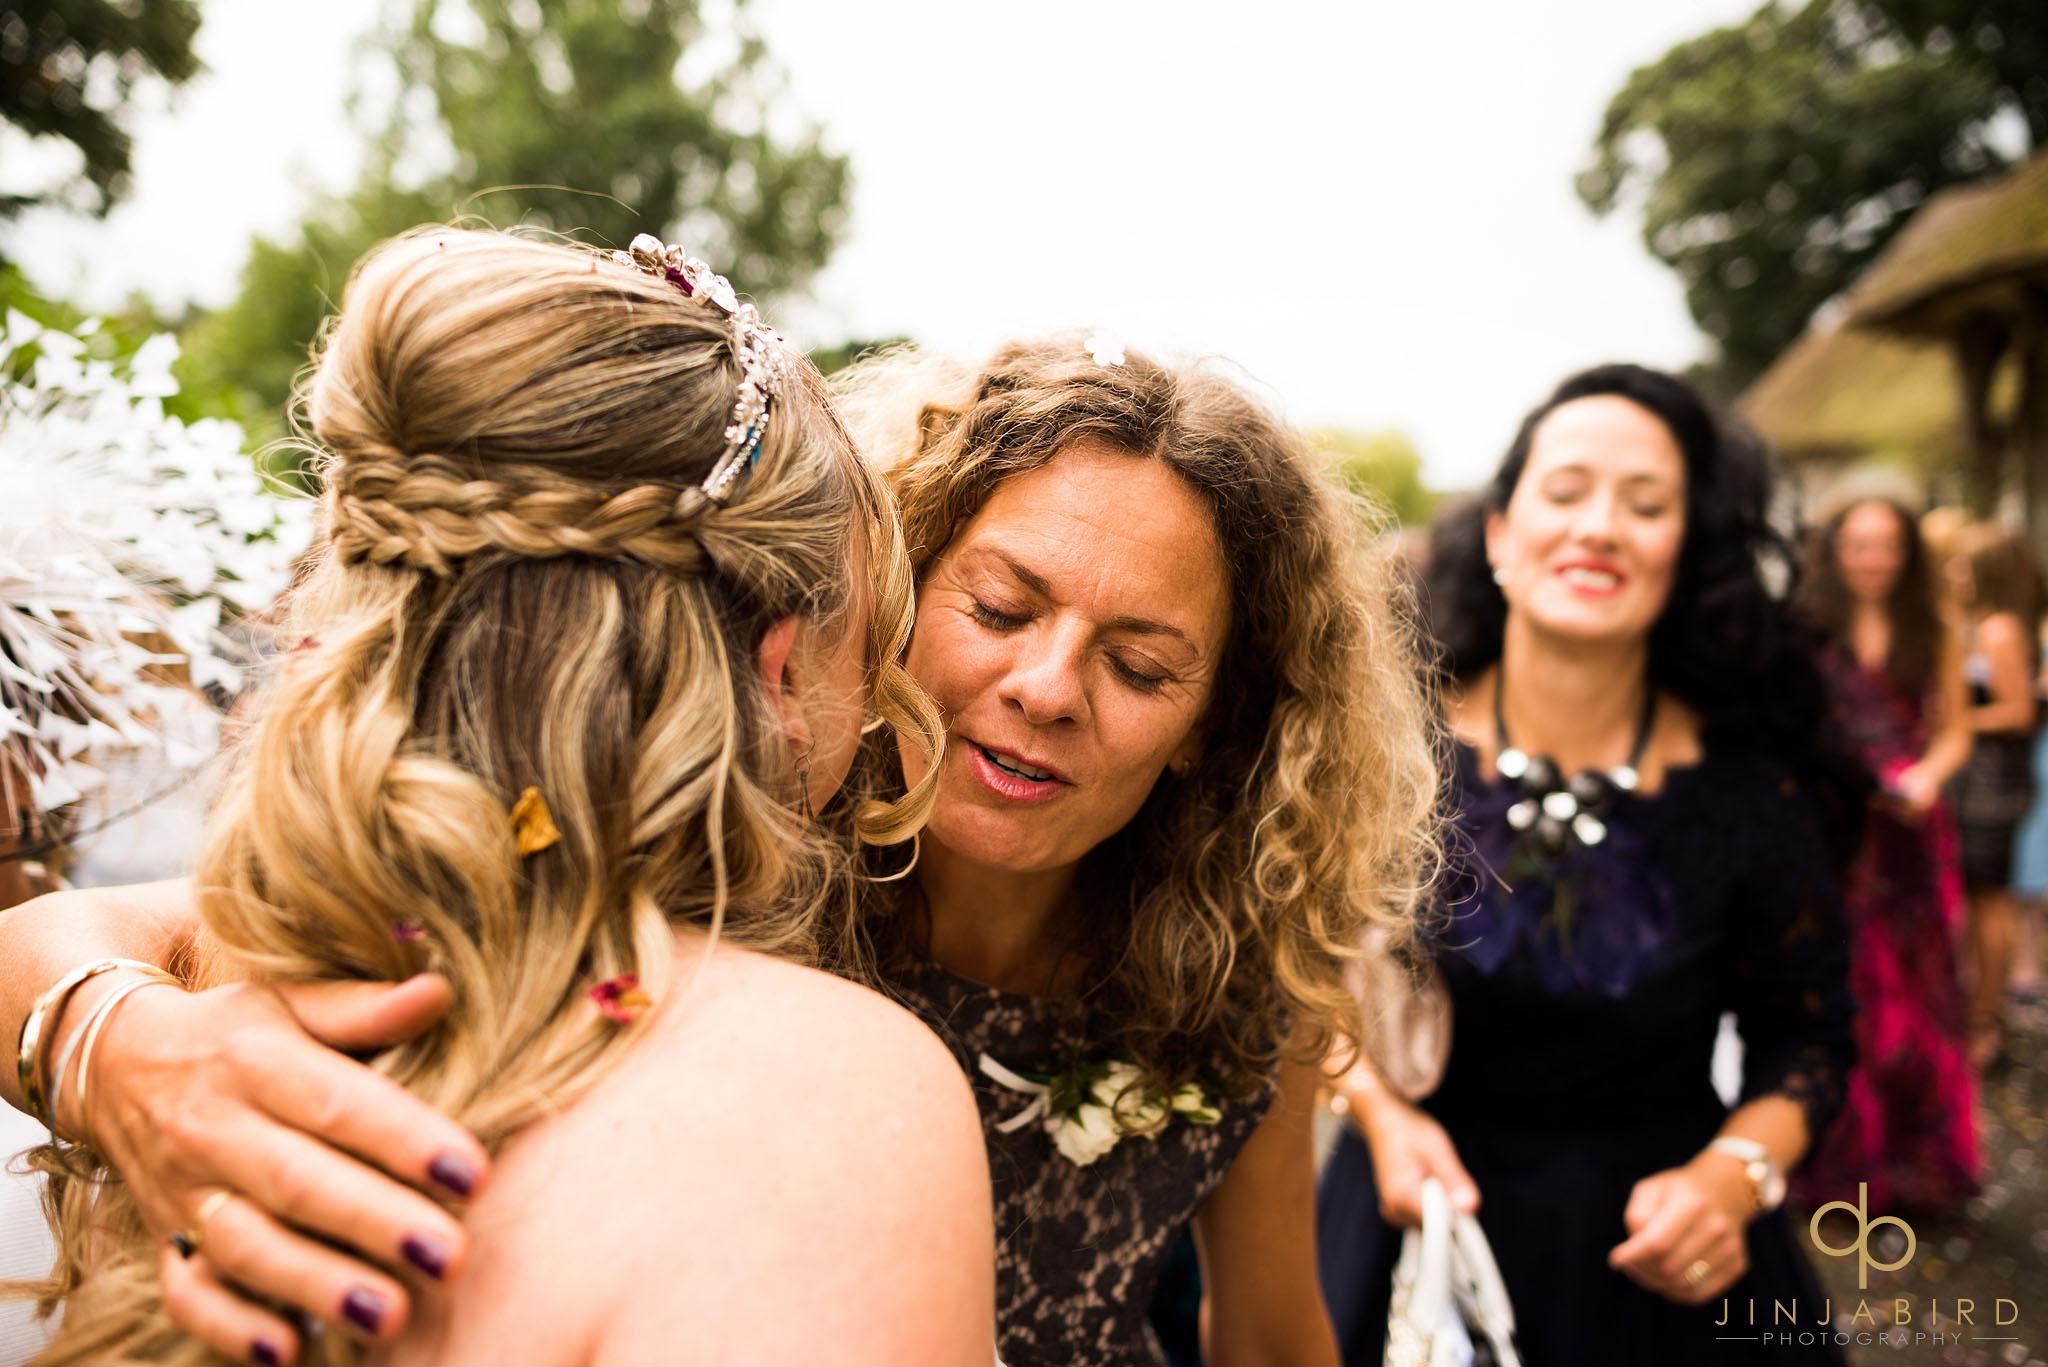 wedding-guest-hugging-bride